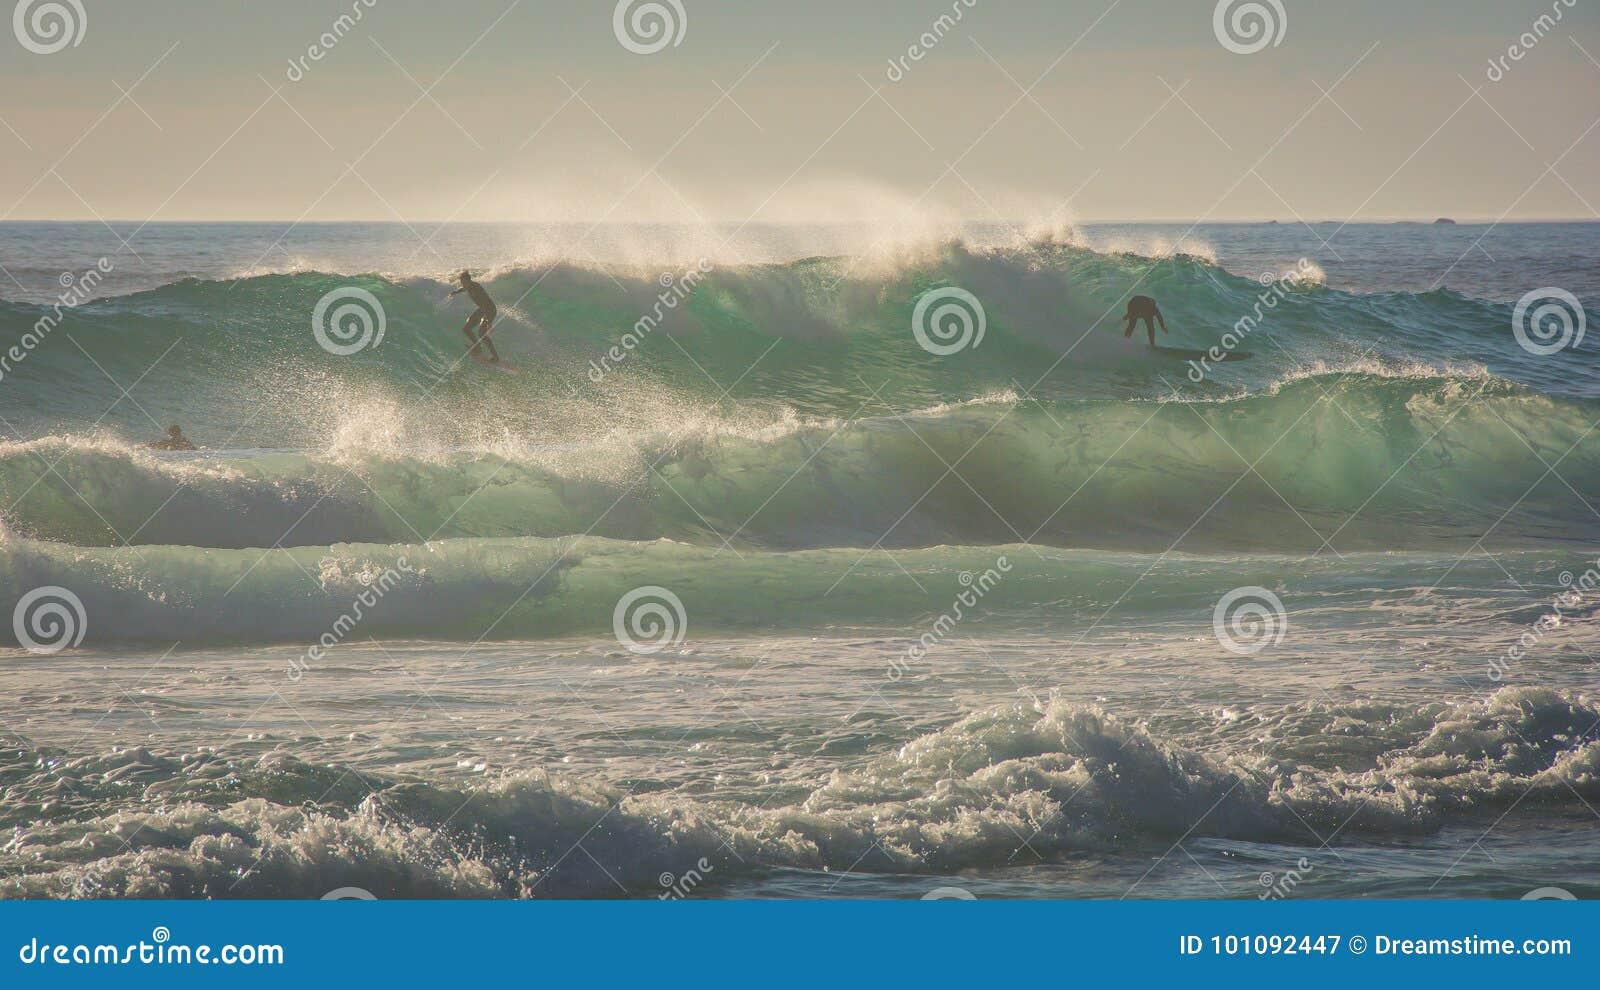 Las personas que practica surf montan una onda grande en condiciones ventosas